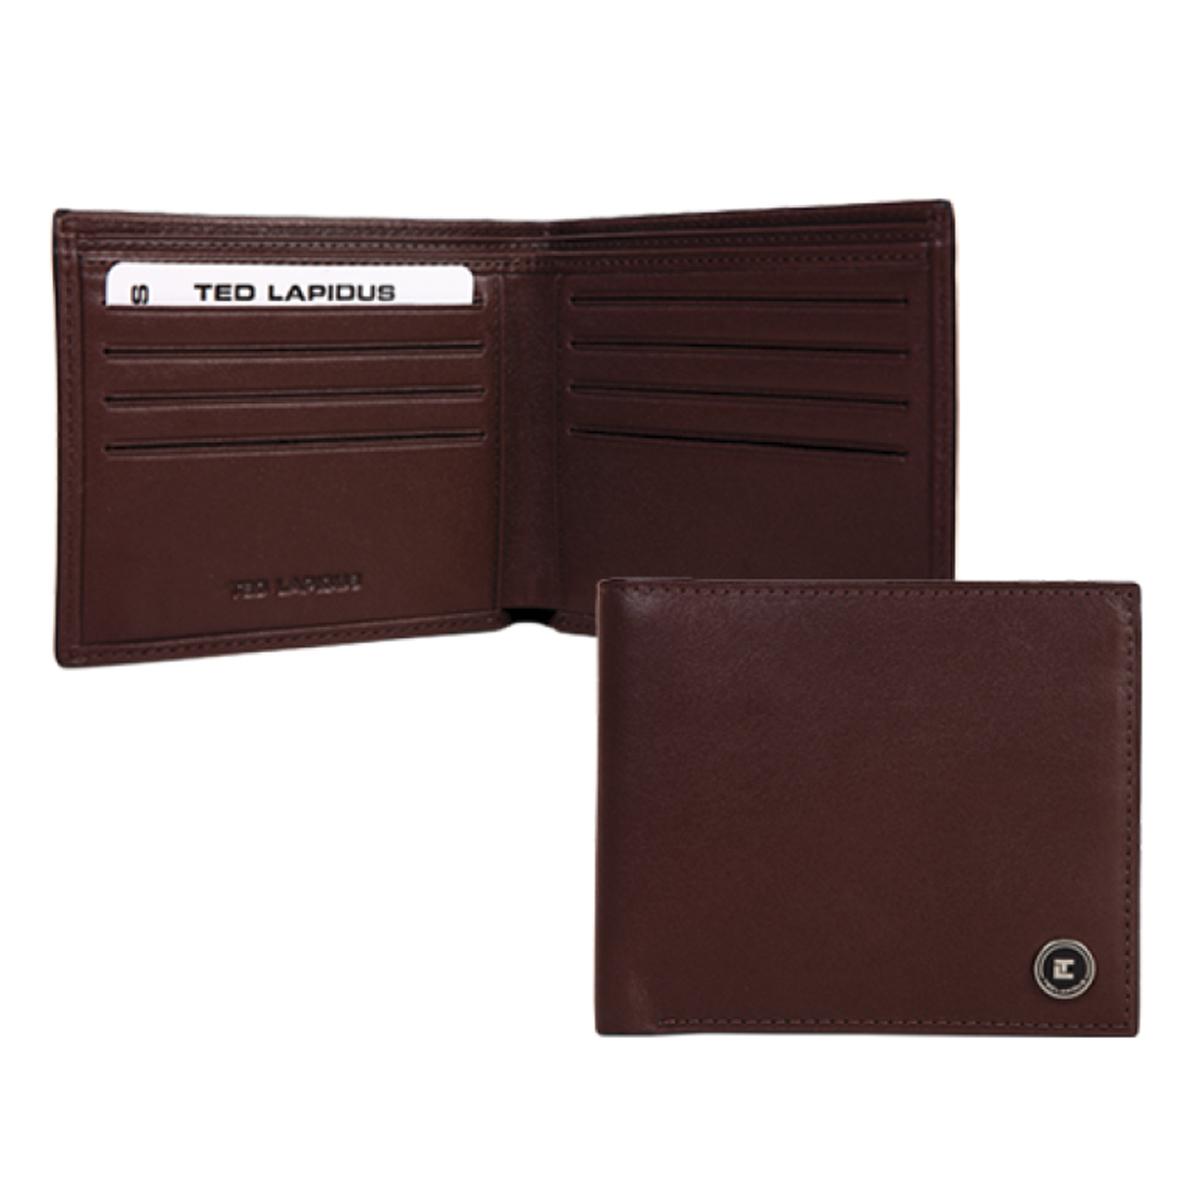 Porte-cartes \'Ted Lapidus\' marron - 115x95x3 cm - [K5634]